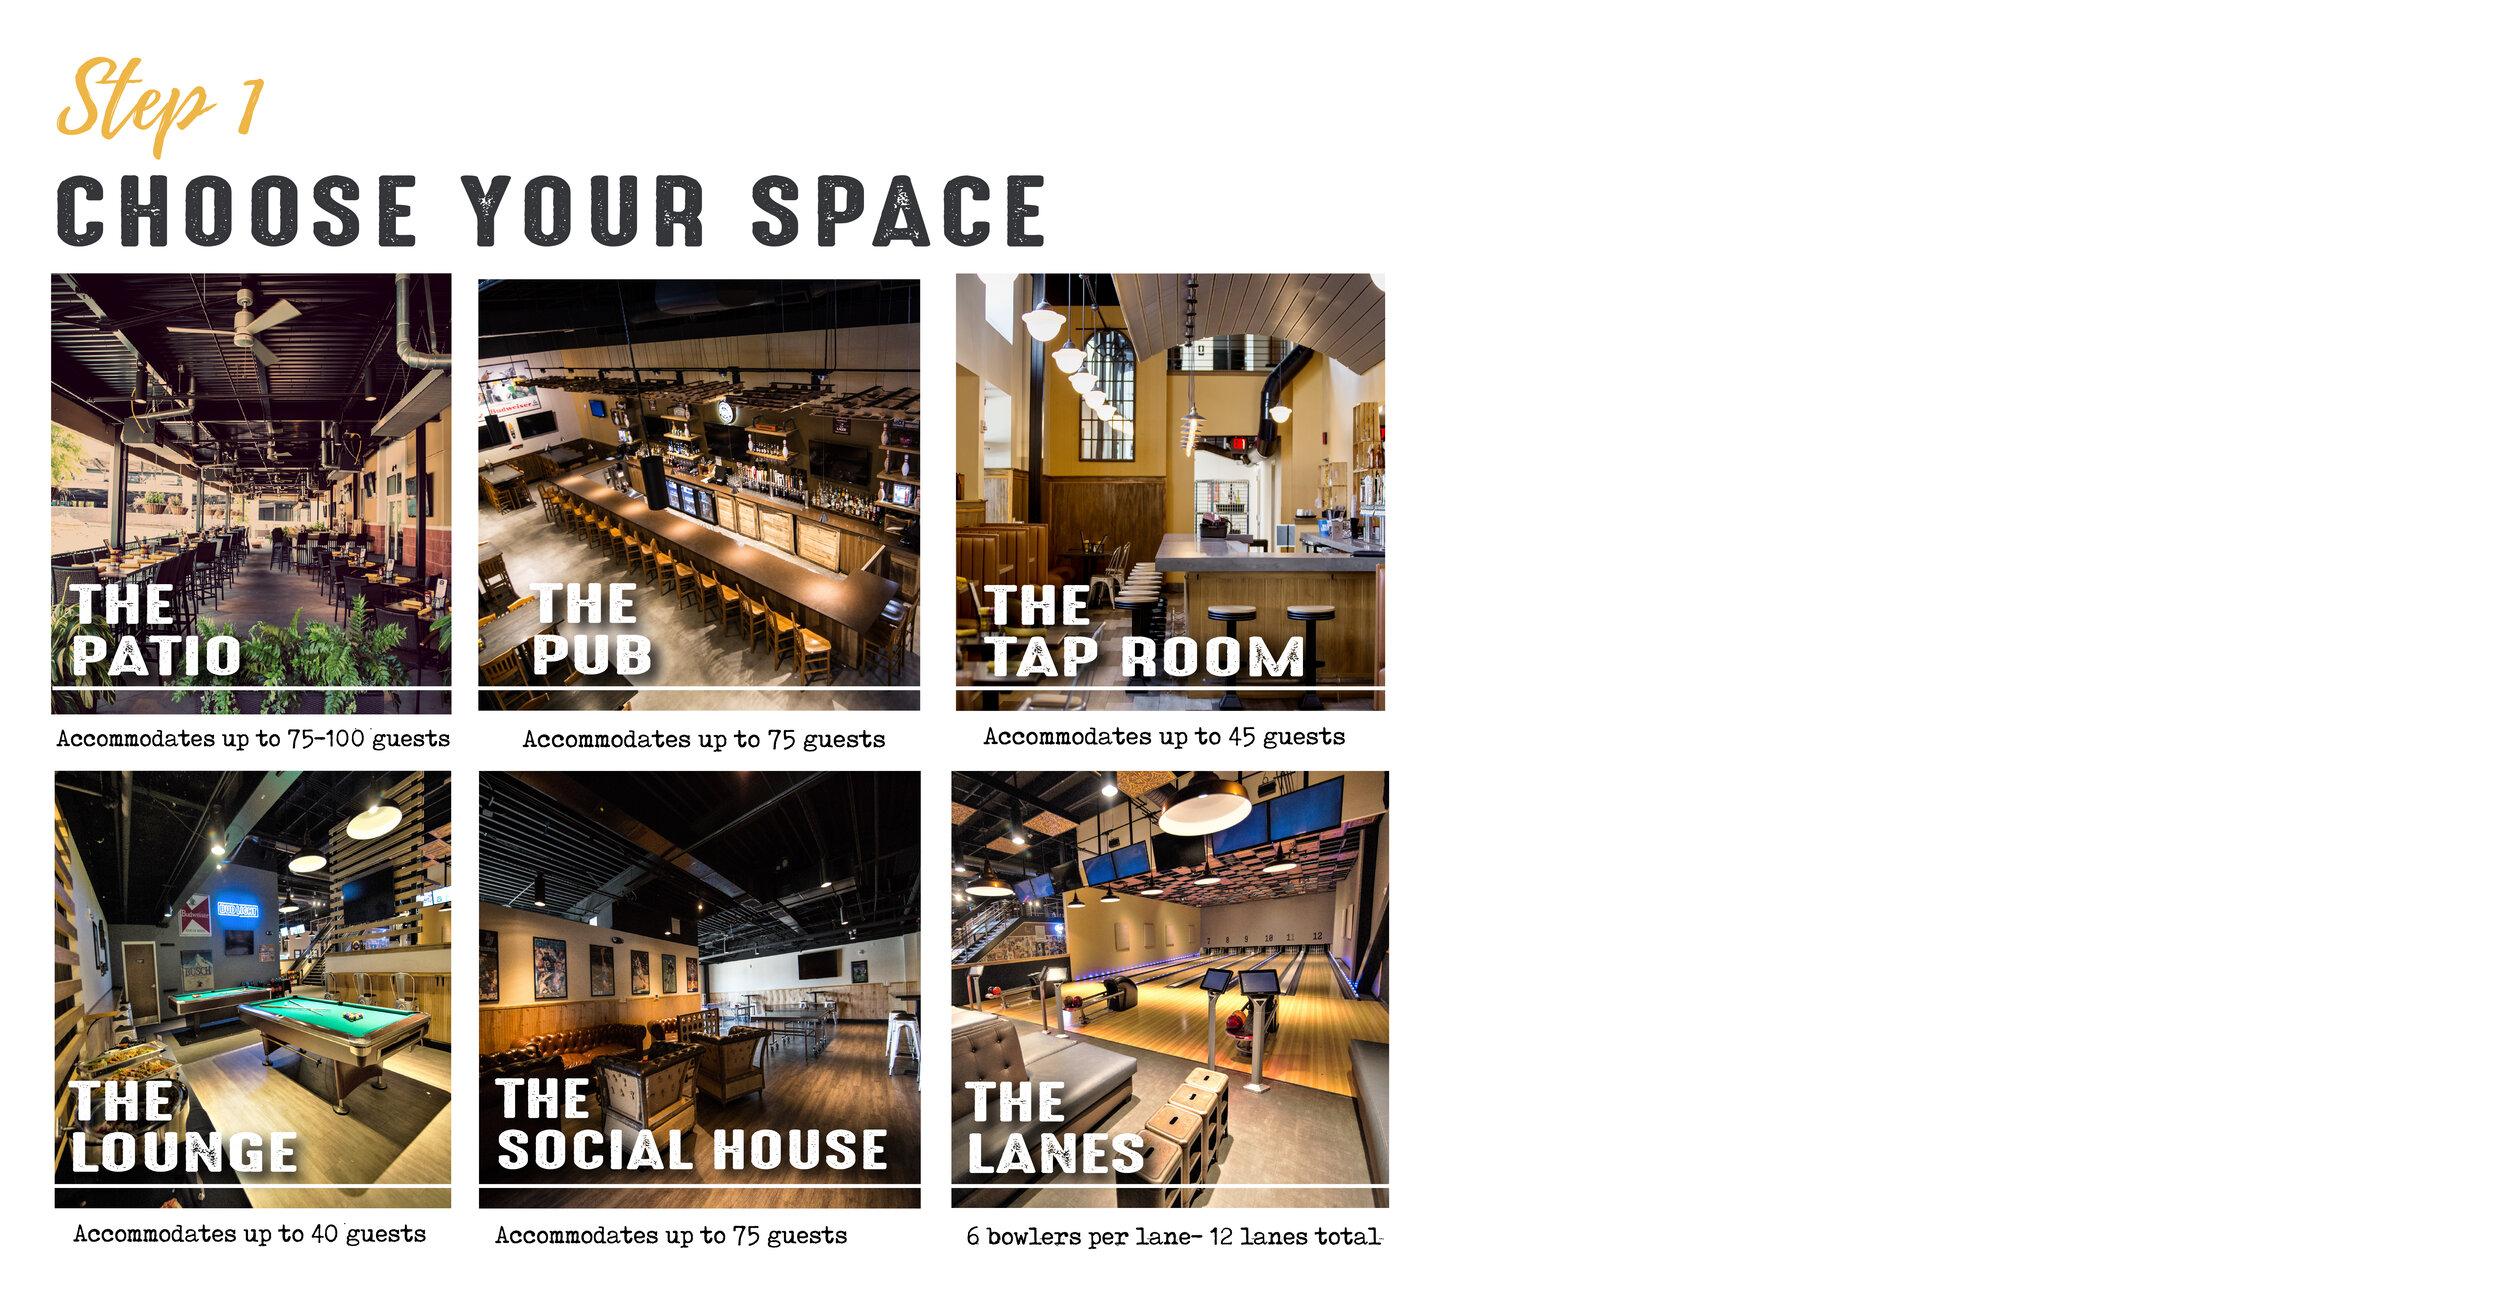 spaces1a.jpg